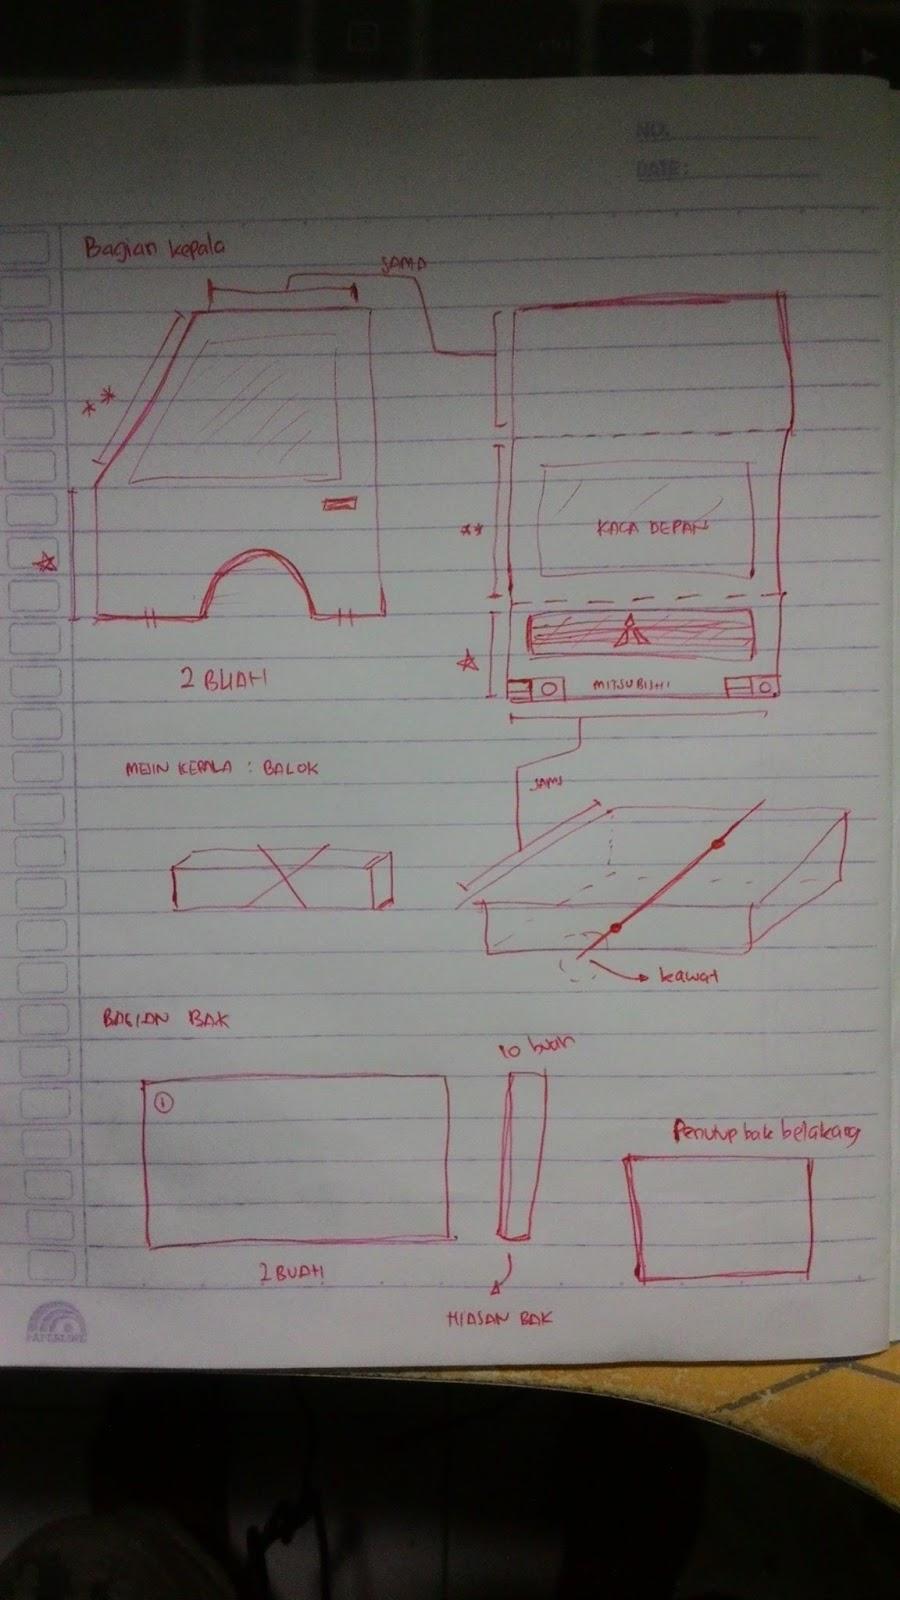 Kumpulan Contoh Gambar Sketsa Miniatur Truk Informasi Masa Kini